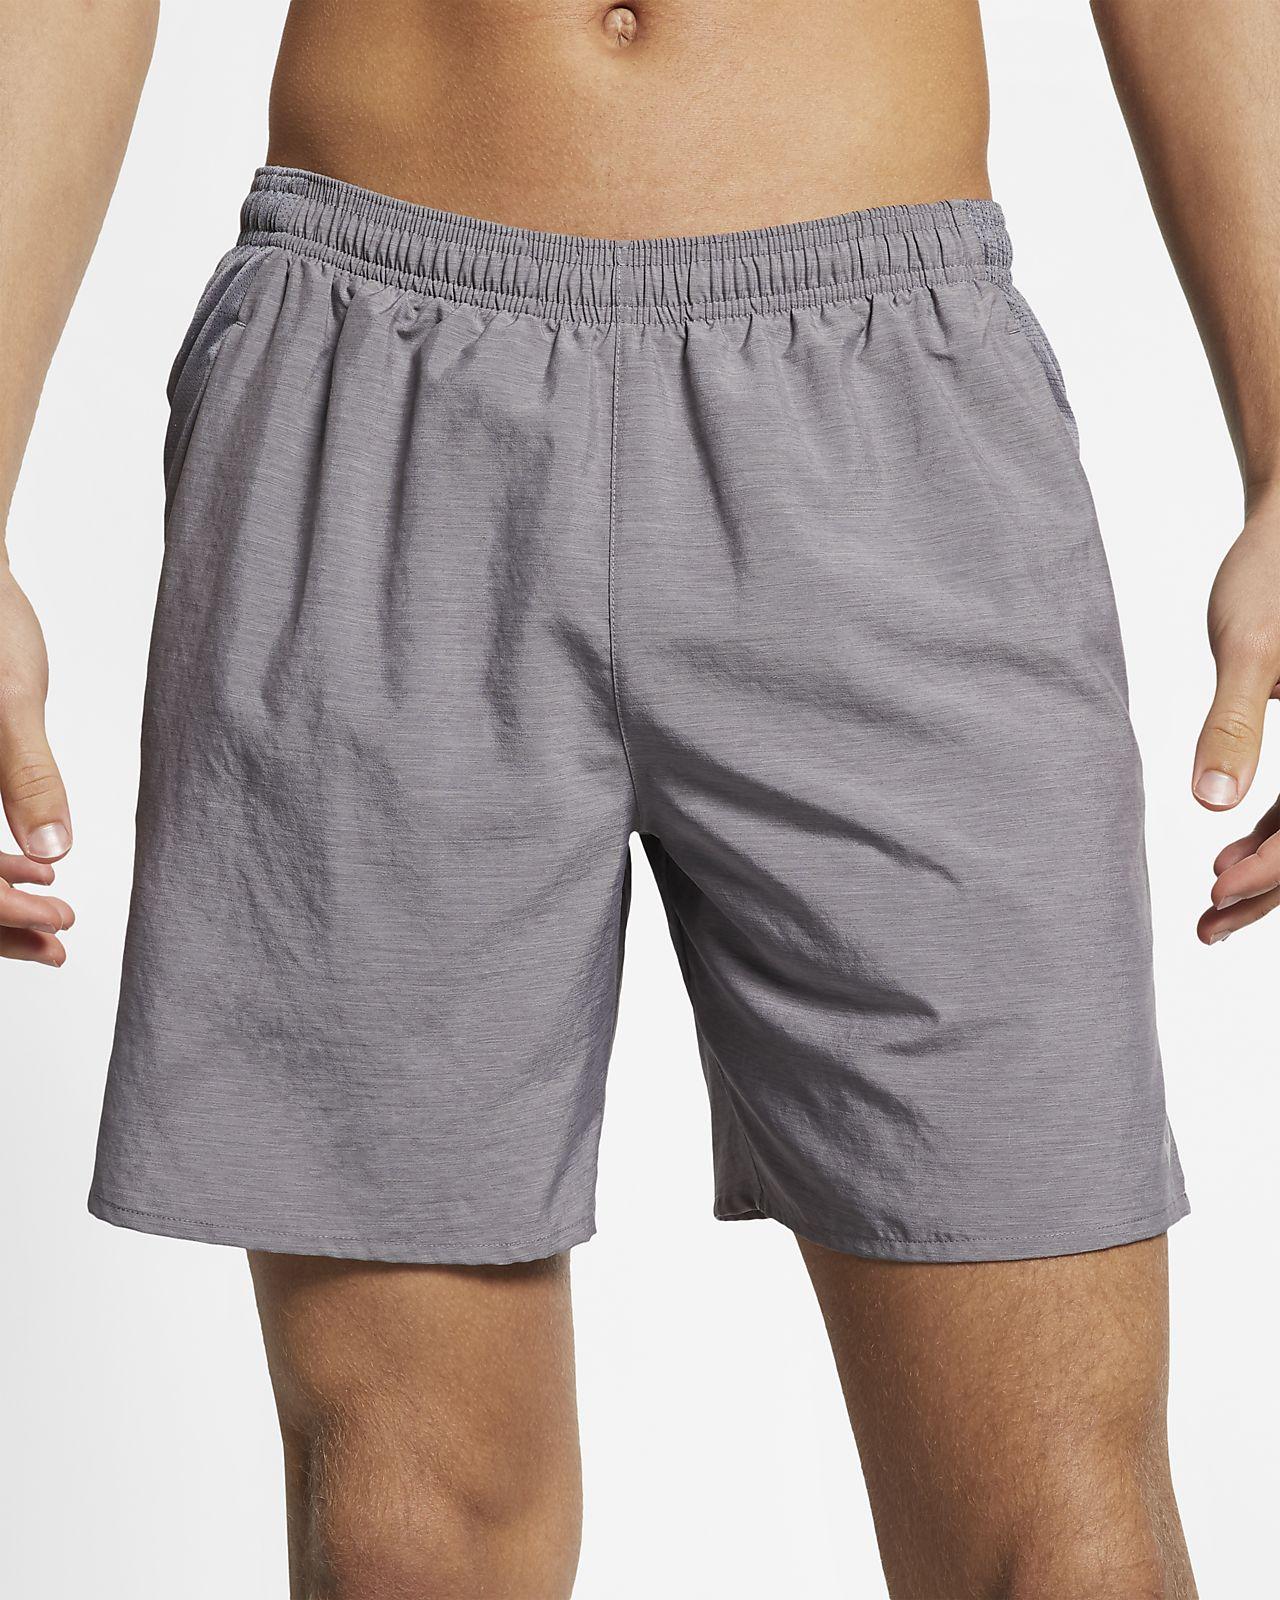 acheter en ligne 1e42d e7d1f Short de running avec sous-short intégré Nike Challenger 18 cm pour Homme